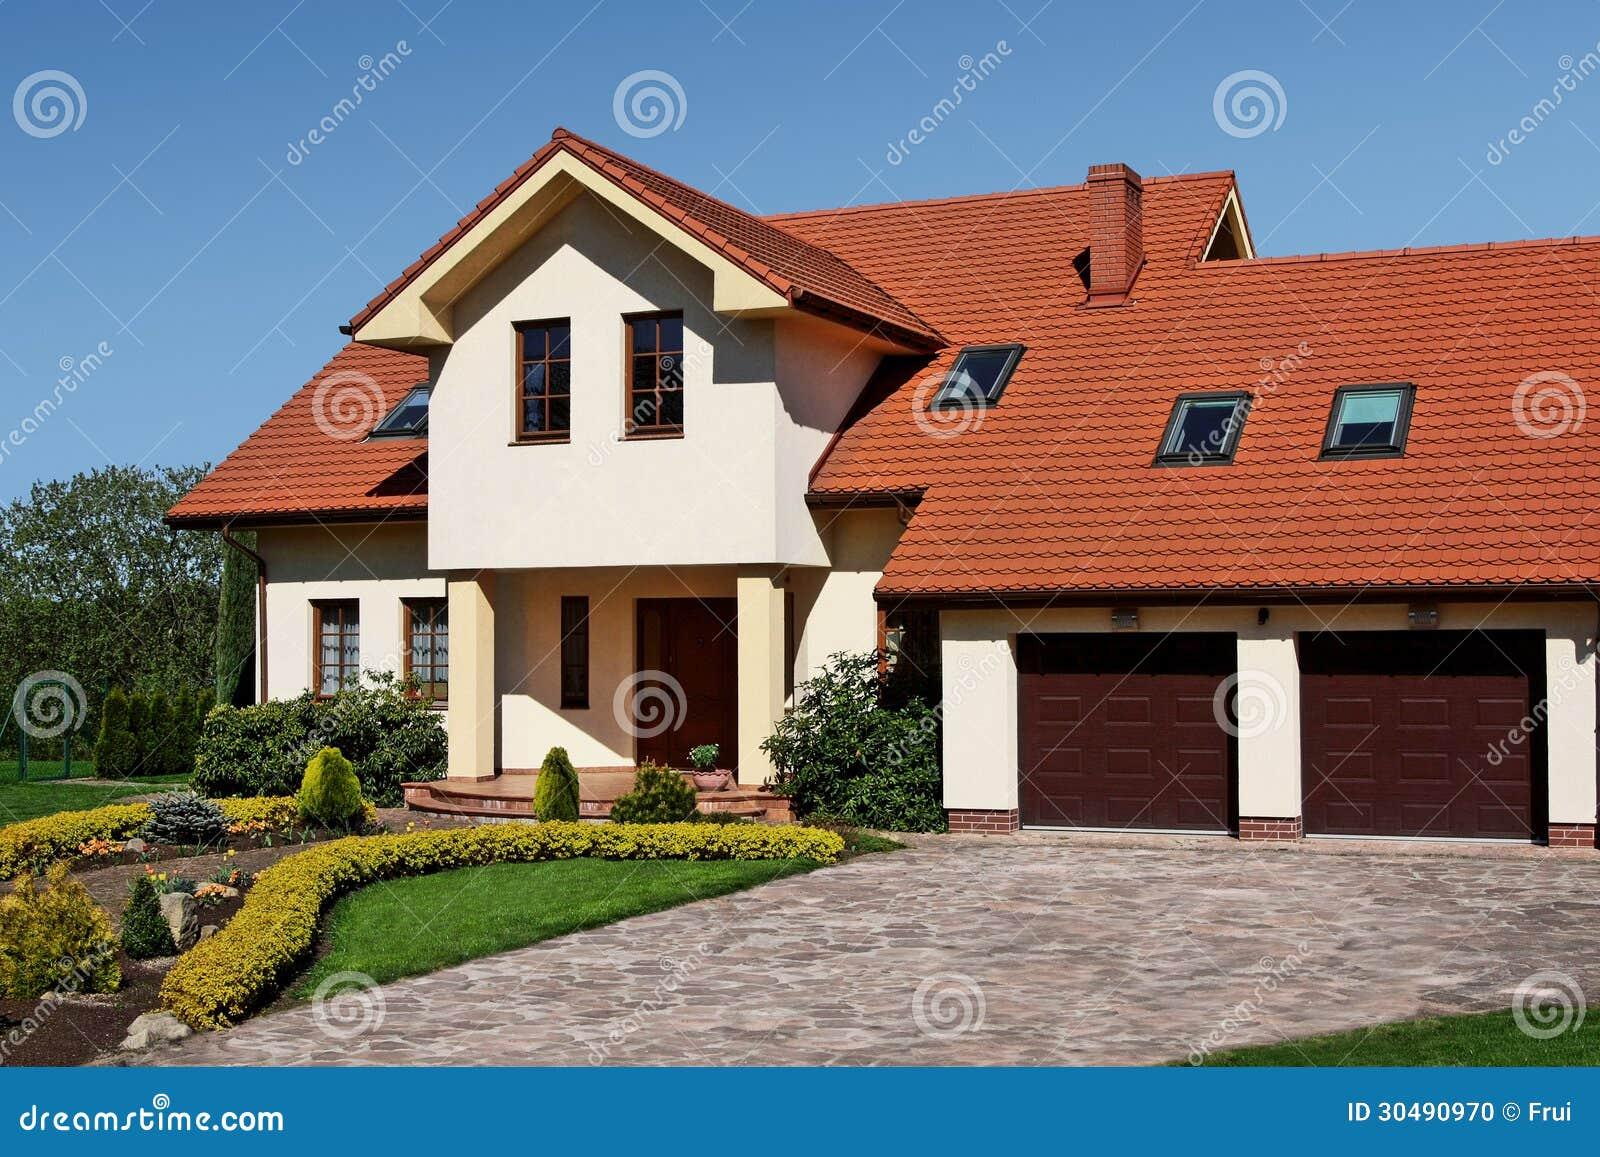 Casa cl ssica foto de stock imagem de edif cio moradia for Foto casa classica